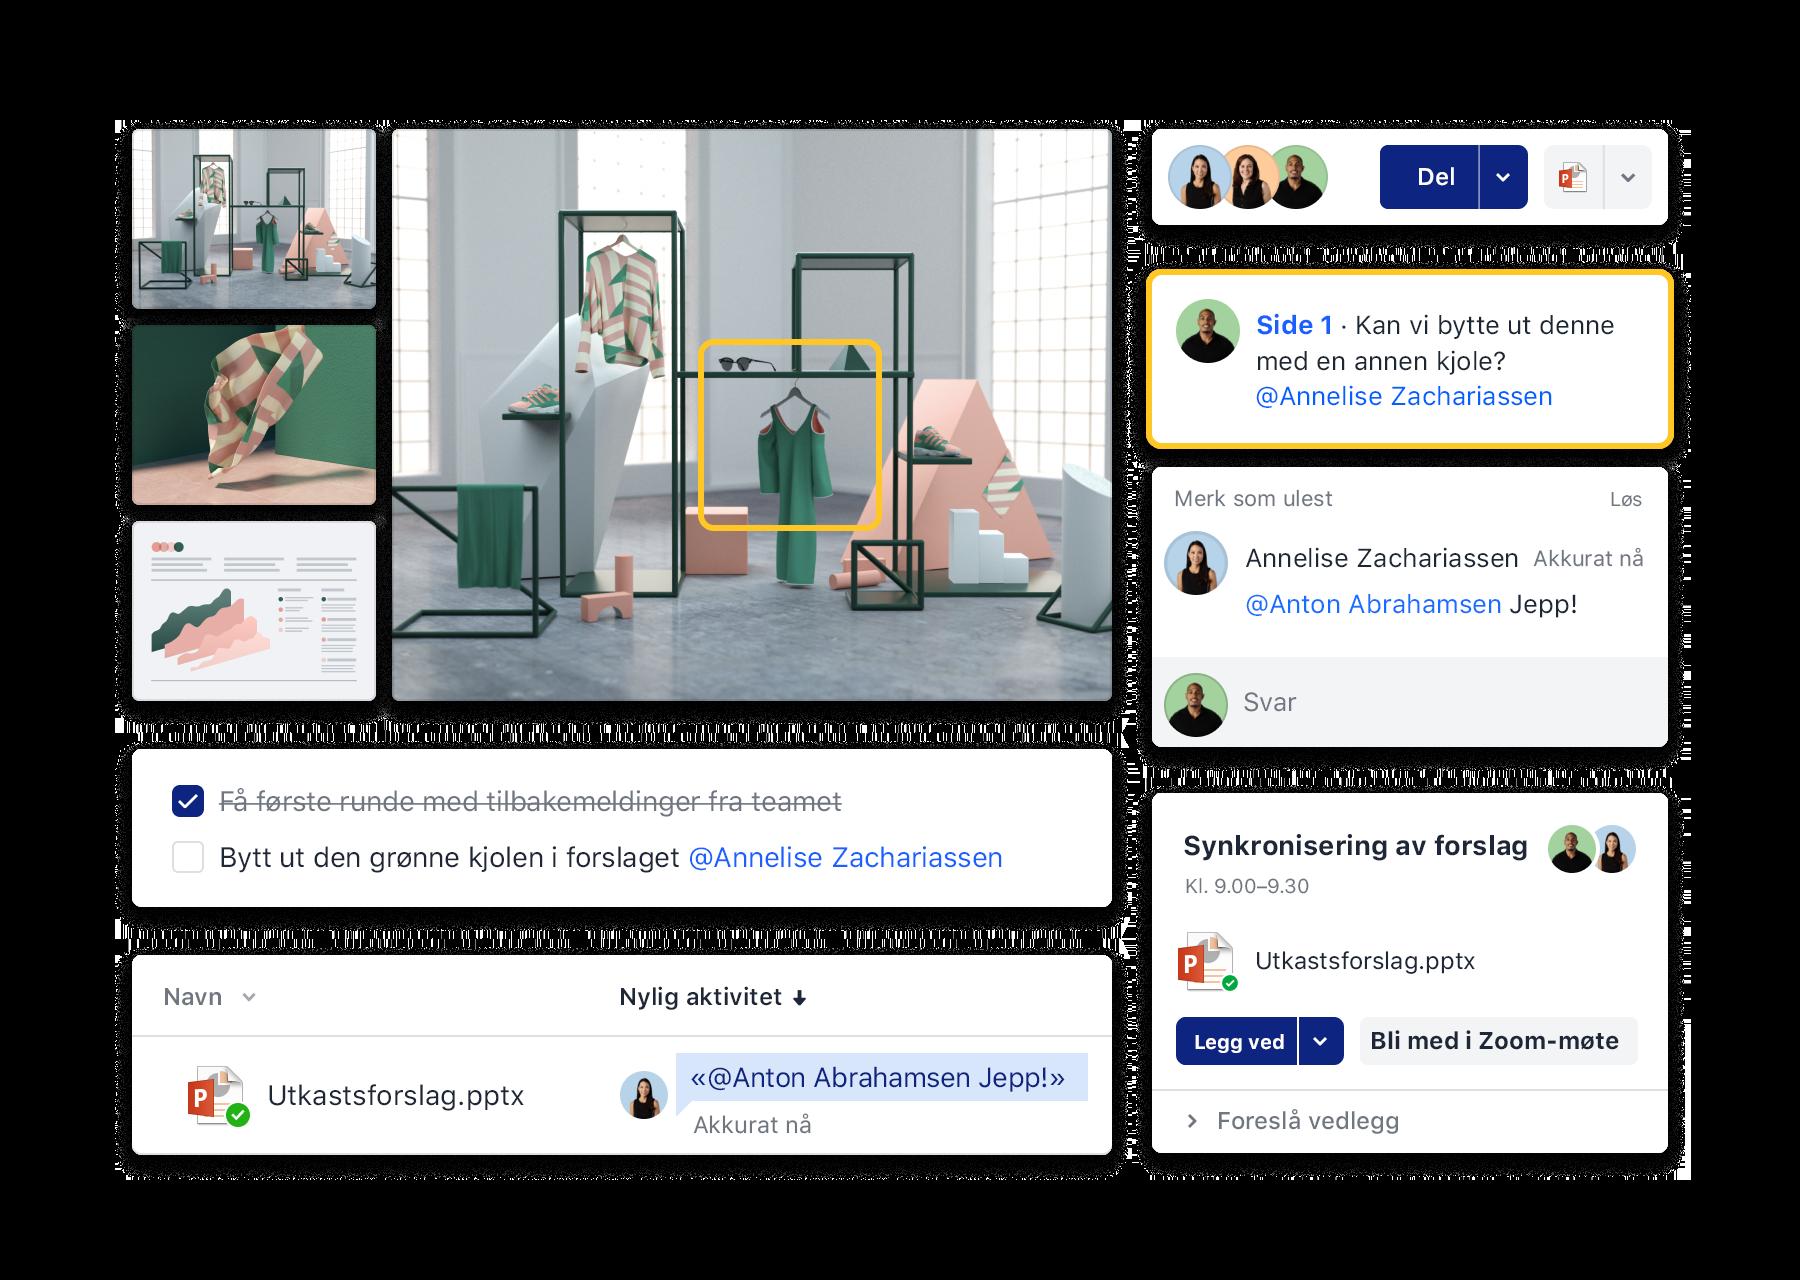 Dropbox-grensesnitt for samarbeid som for eksempel å legge til kommentarer, organisere Zoom-møter og bruke gjøremålslister.